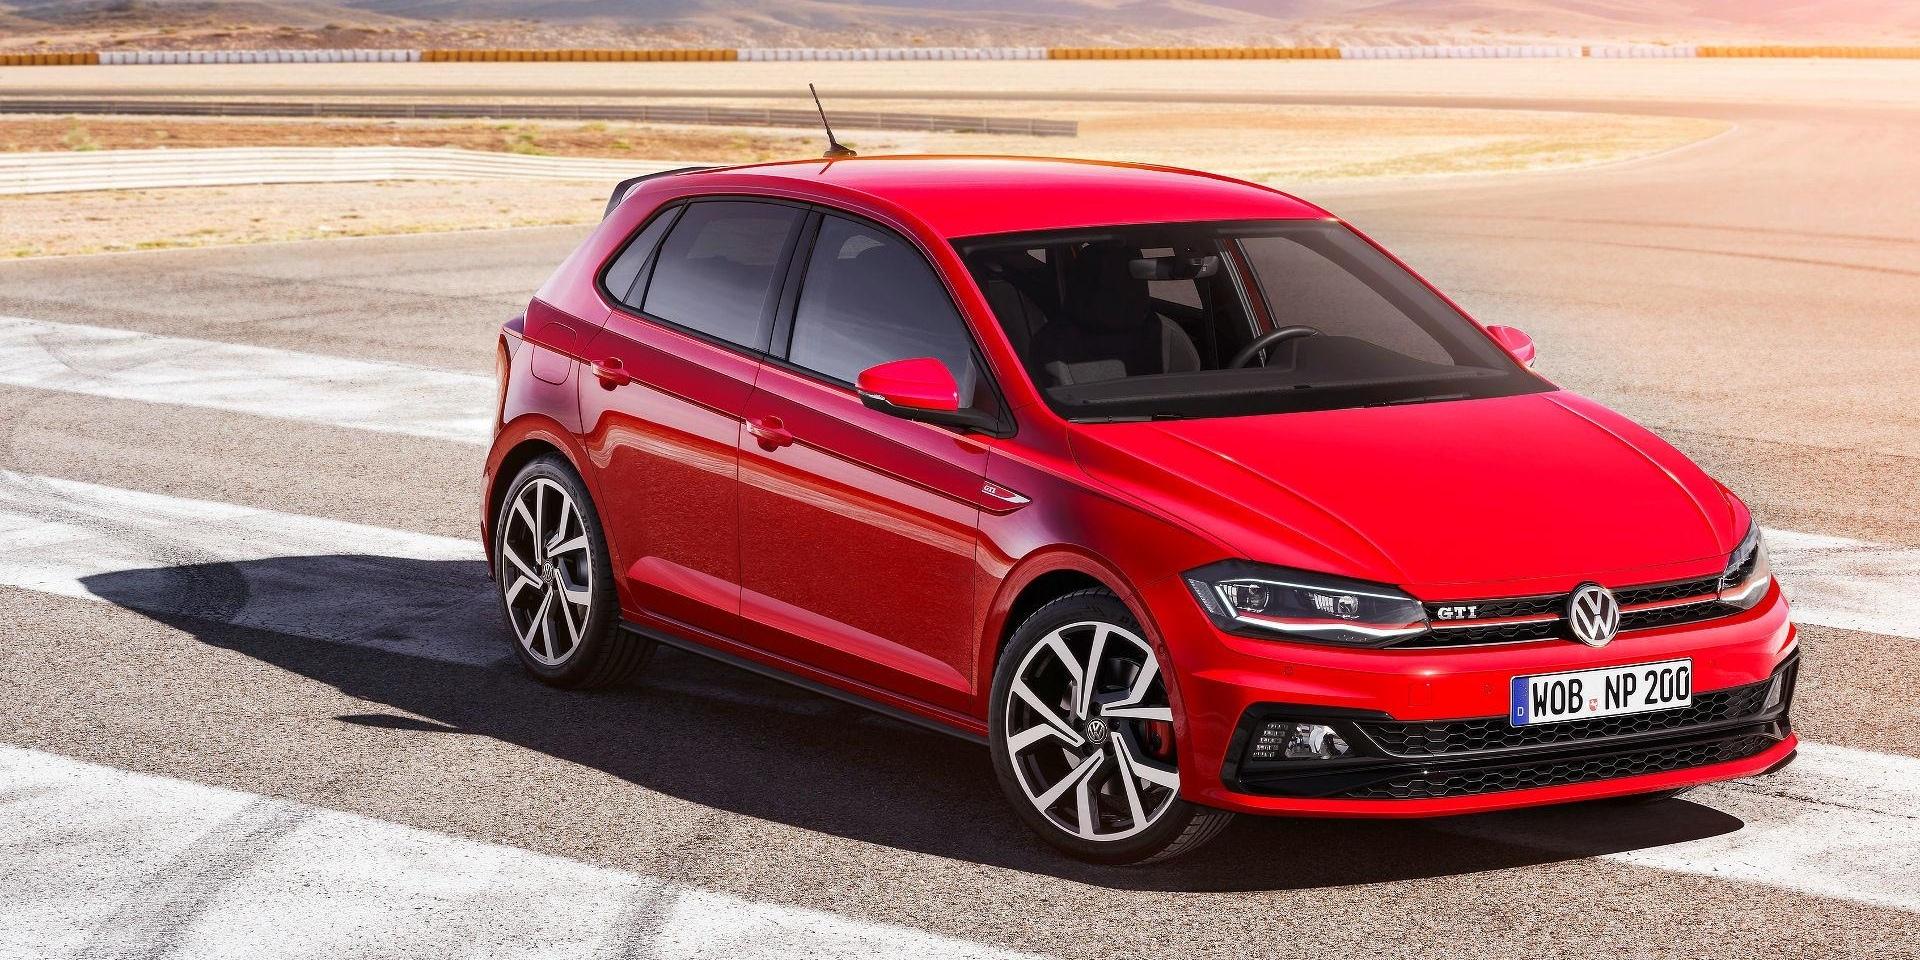 小車大躍進,Volkswagen Polo搭載MQB登場 GTI同步上線!